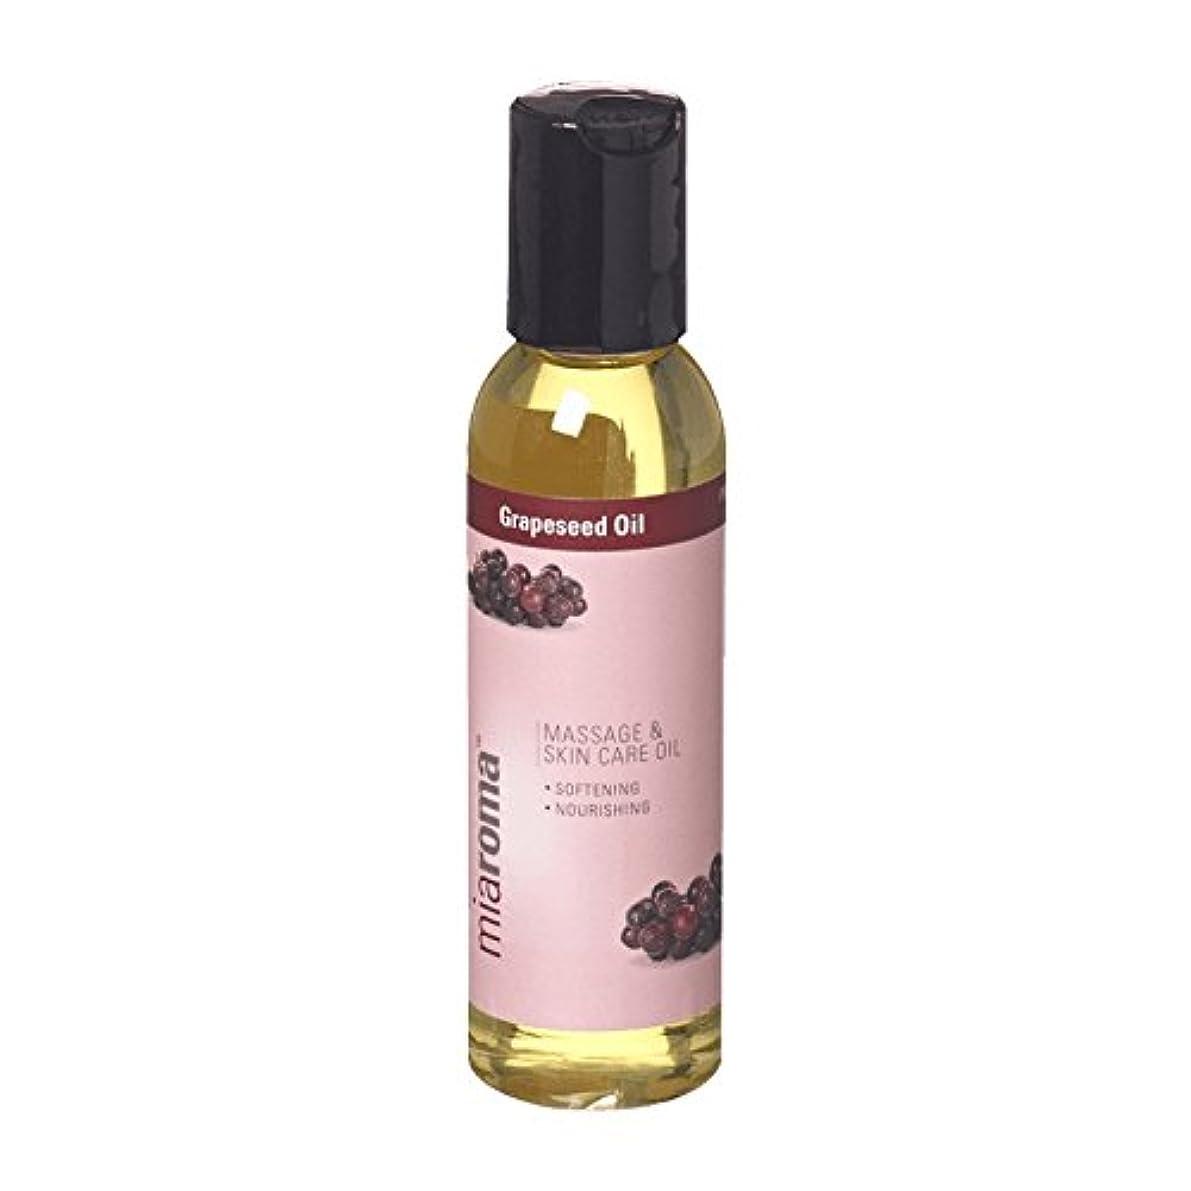 原油スラッシュ枕Miaromaのブドウマッサージベースオイル - Miaroma Grapeseed Massage Base Oil (Miaroma) [並行輸入品]